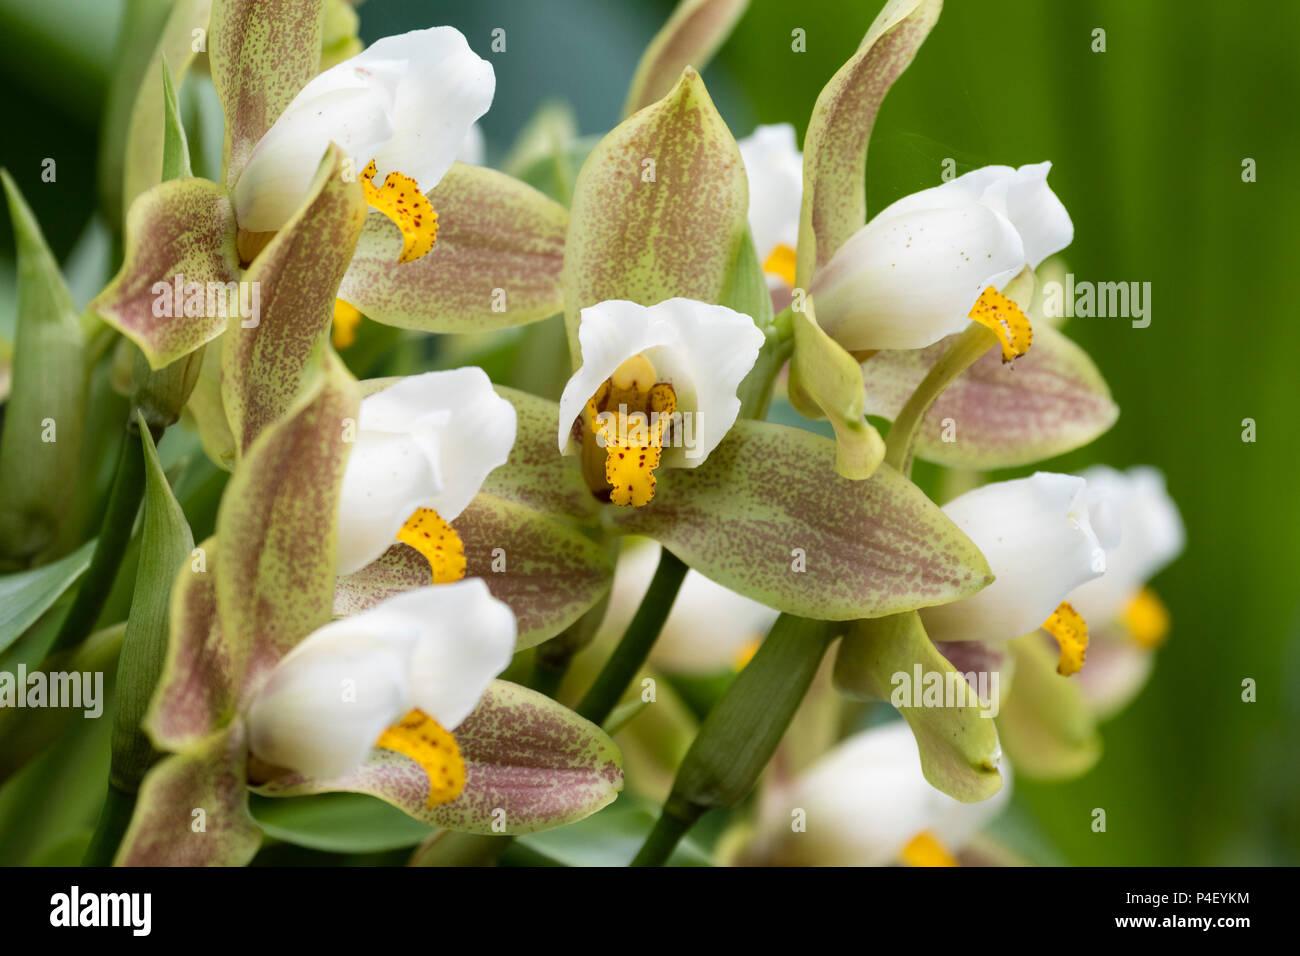 El marrón, el verde y el blanco de las flores de las orquídeas epifíticas, Lycaste deppei licitación Imagen De Stock